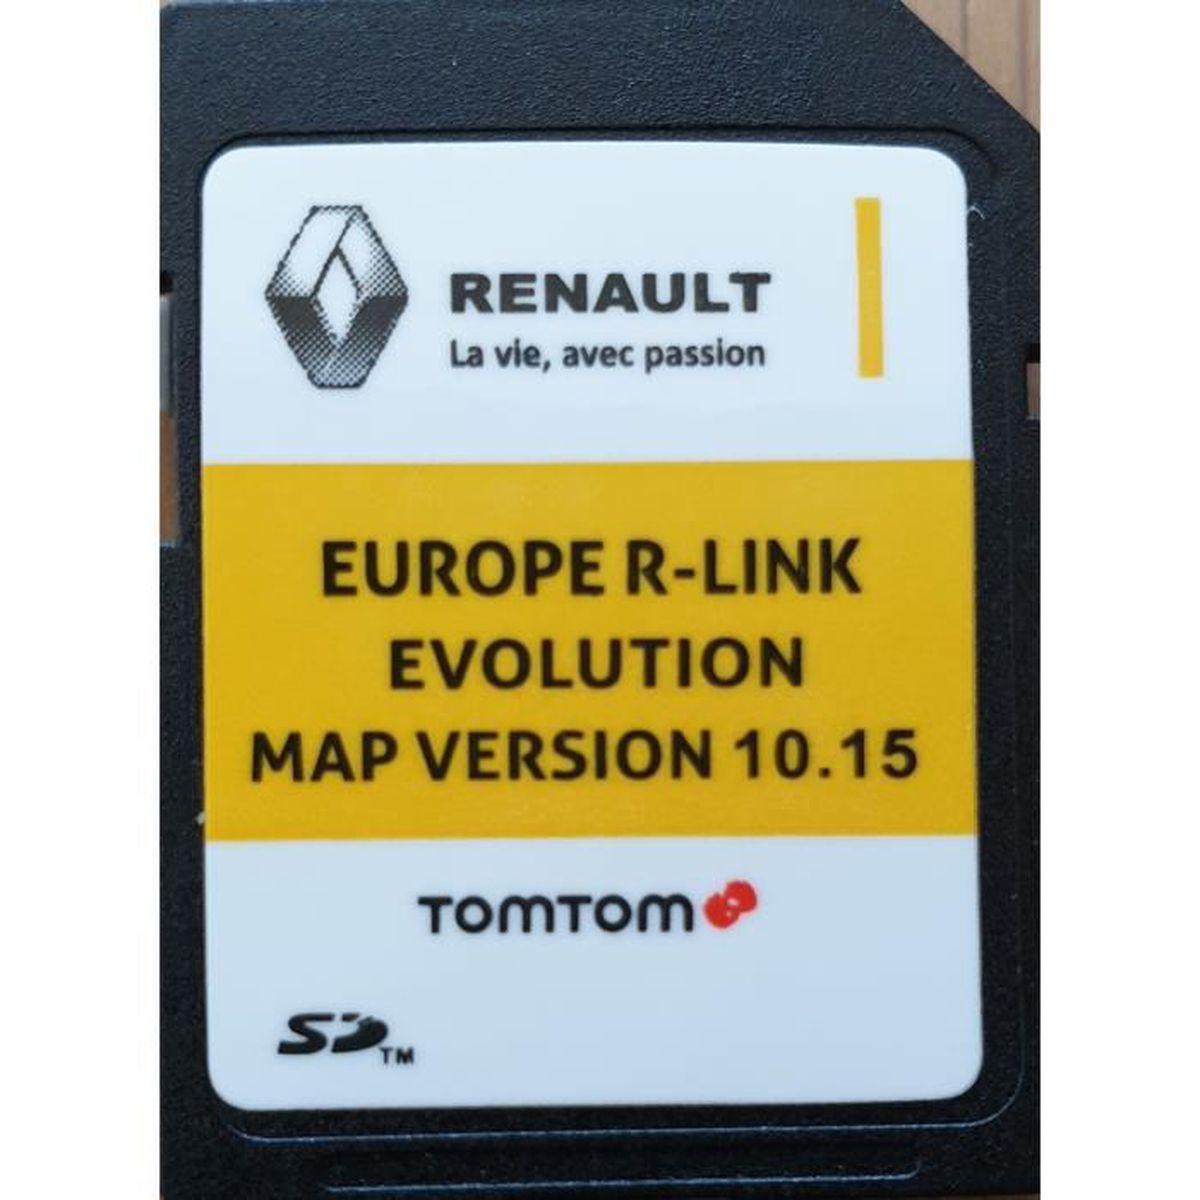 acheter carte sd r link Carte SD GPS Europe 2019   10.15   Renault R Link   Achat / Vente